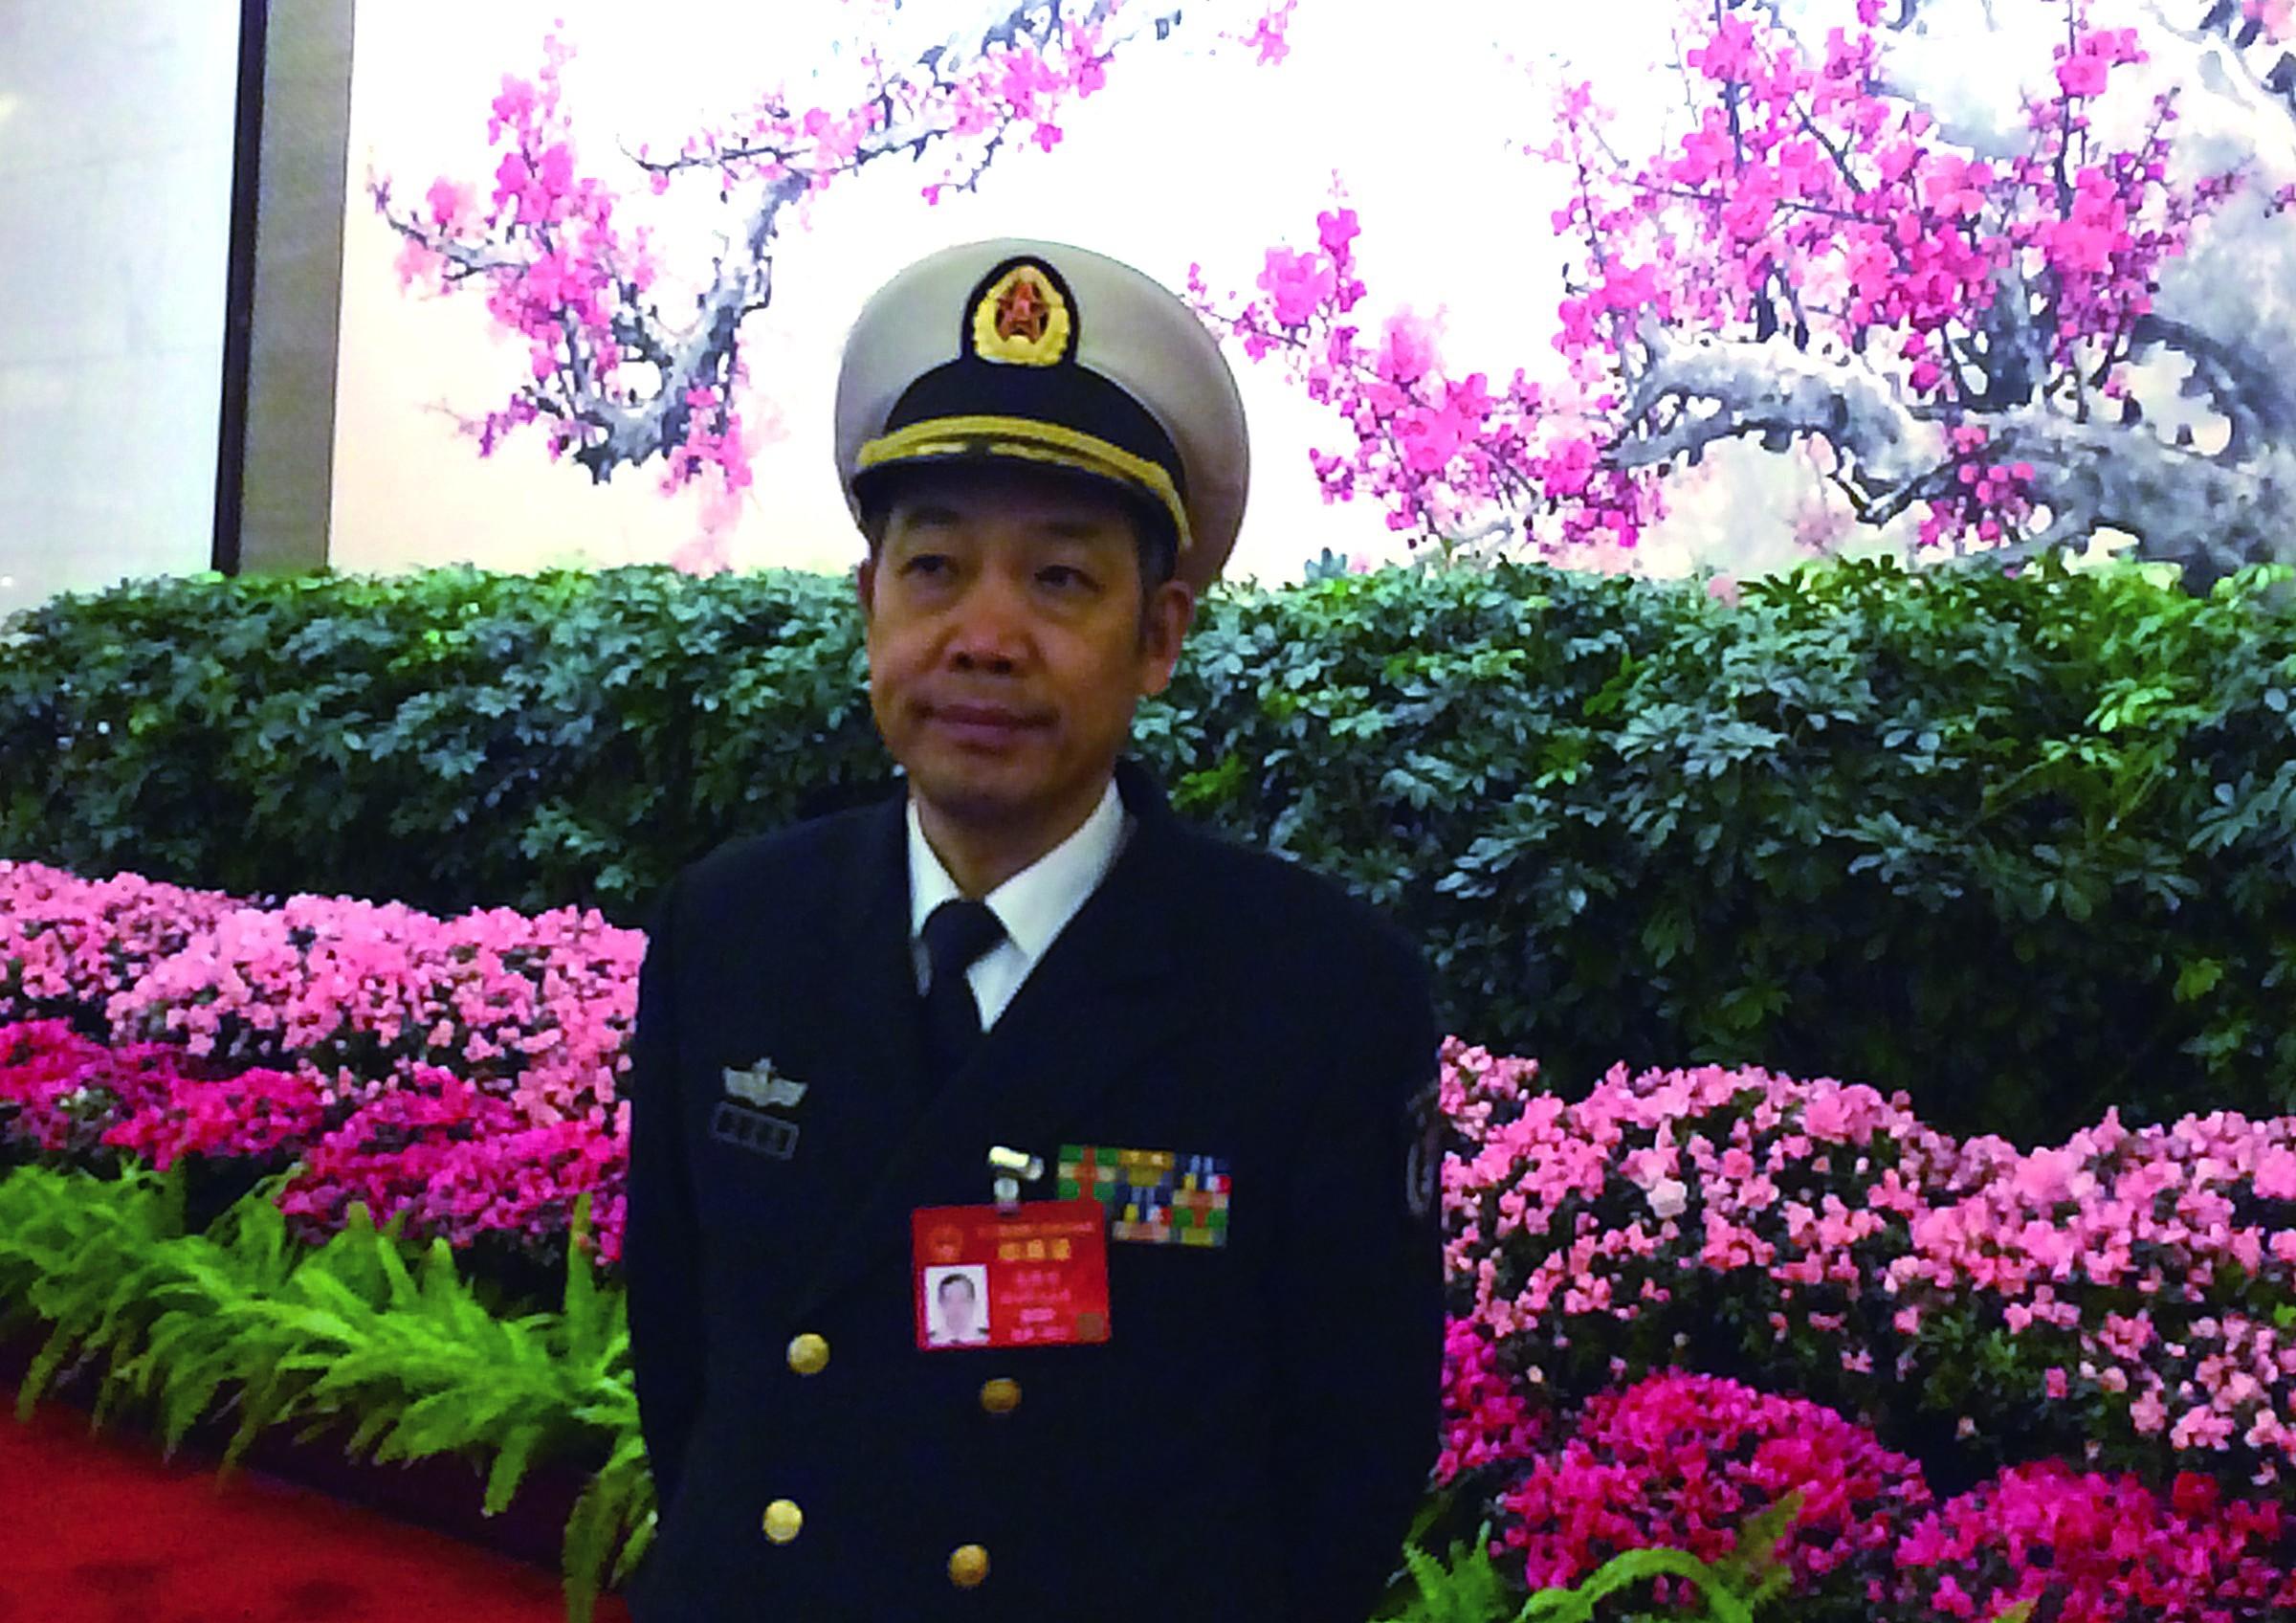 马伟明:中国军舰全电推进系统已领先美国一代 - 马骁-v-mzm - 马骁